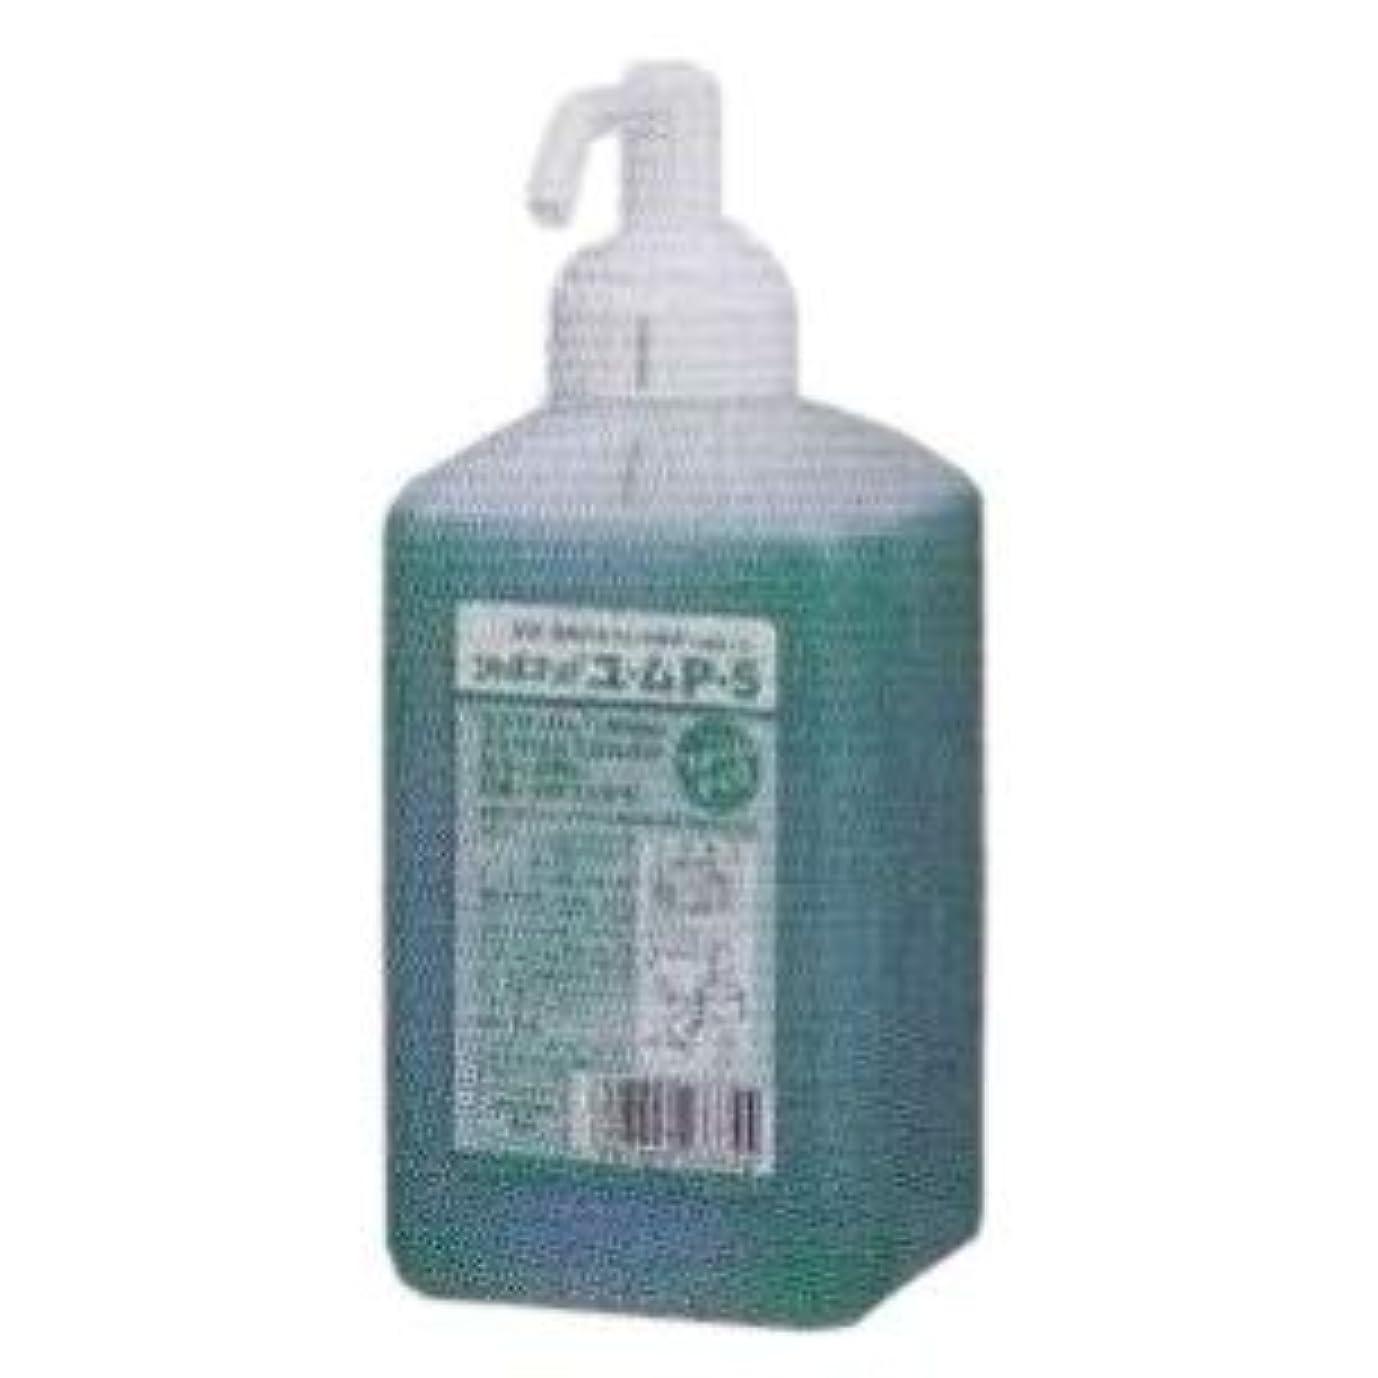 もちろんマイル小包サラヤ シャボネット ユ?ムP-5 1kg泡ポンプ付 無香料 サラヤ商品コード:23335